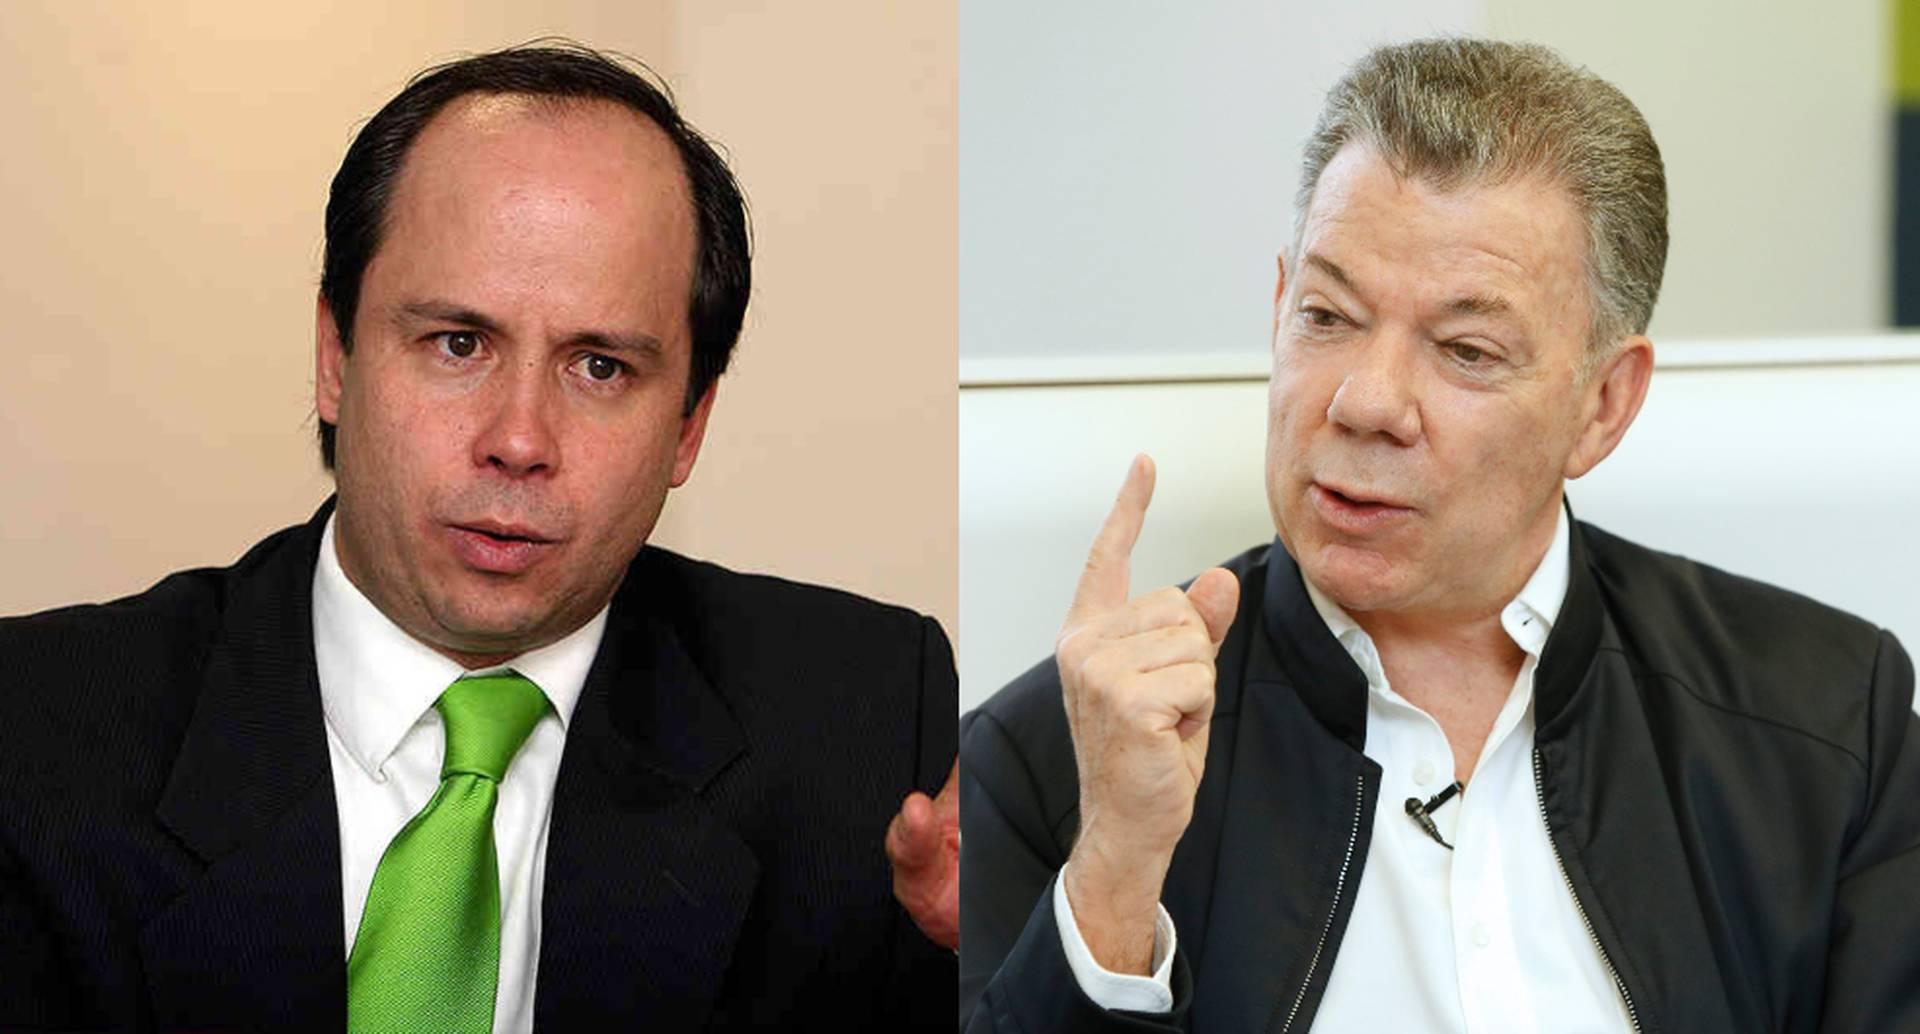 El expresidente Juan Manuel Santos dijo que hacer fracking en Colombia sería un suicido. Francisco Lloreda, de la ACP, le salió al paso y dijo que fue él quien trajo la técnica al país.